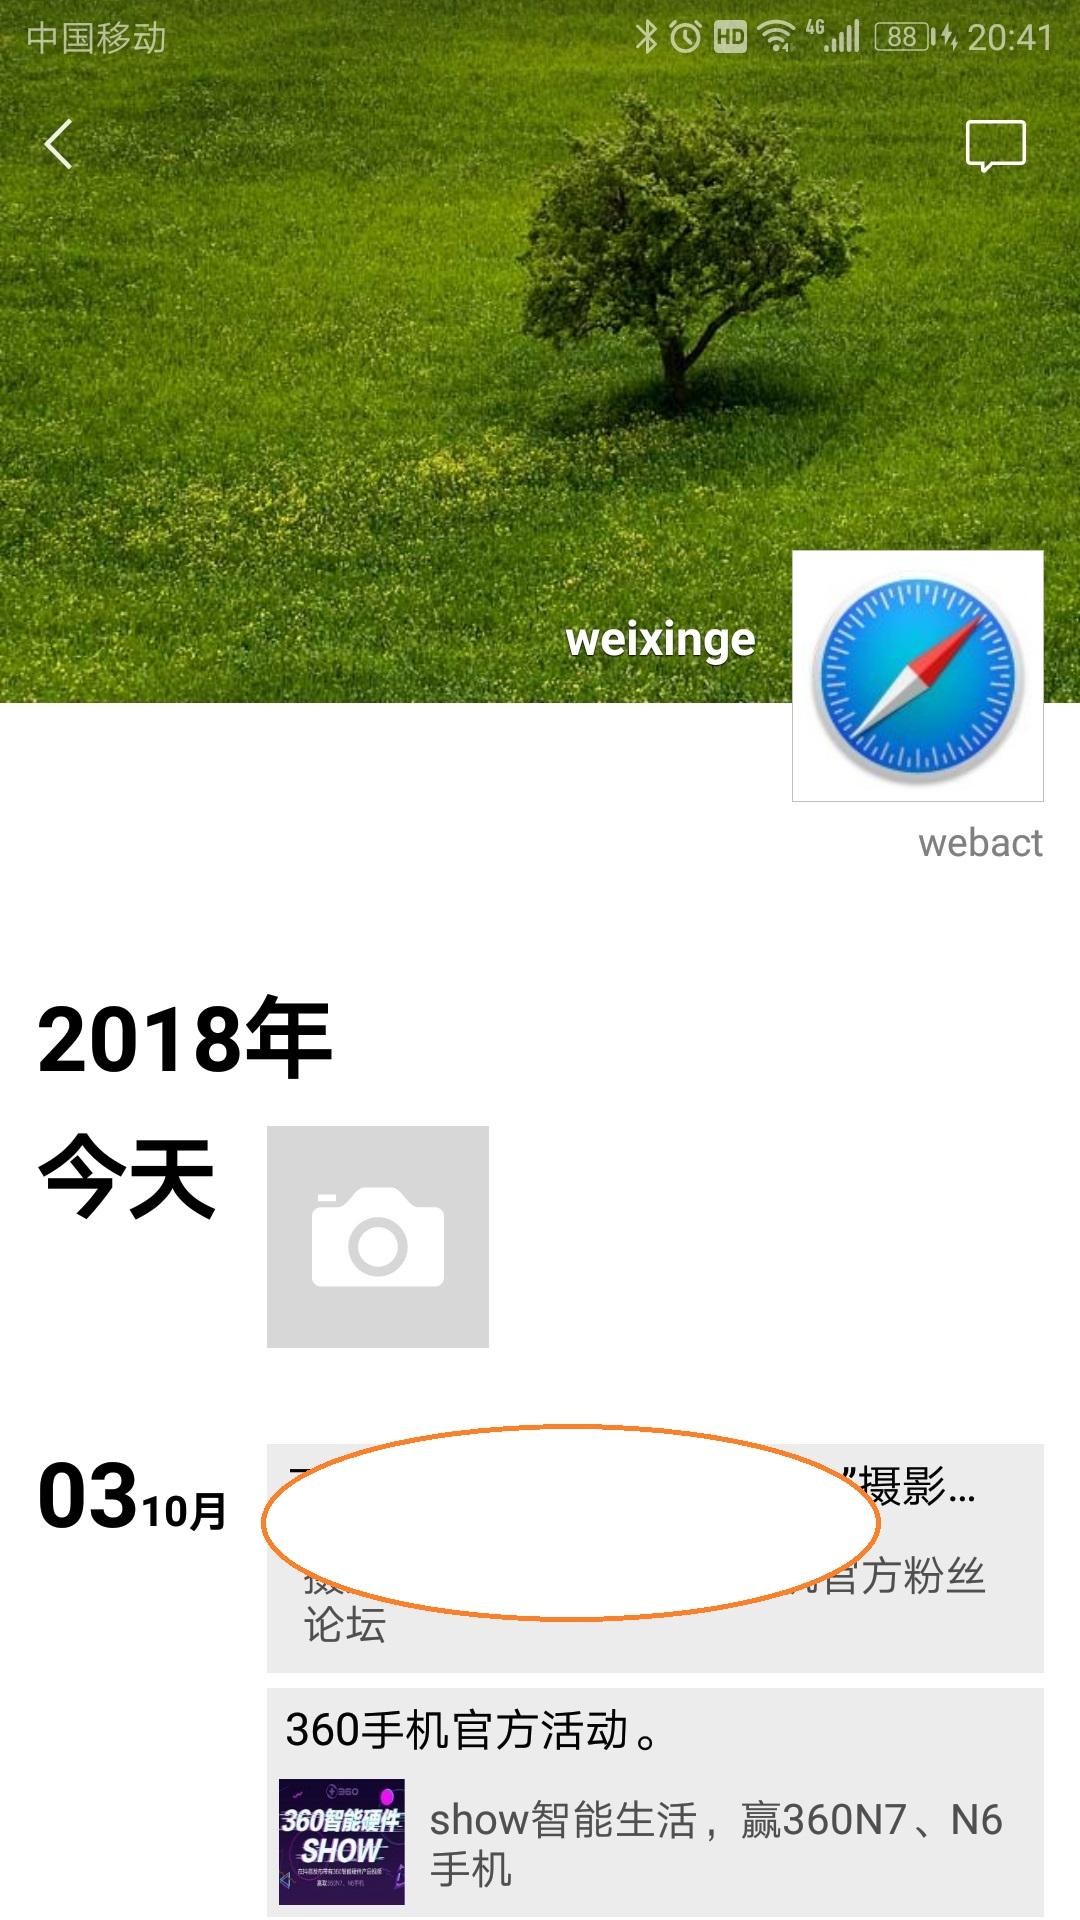 Screenshot_20181007-204154.jpg